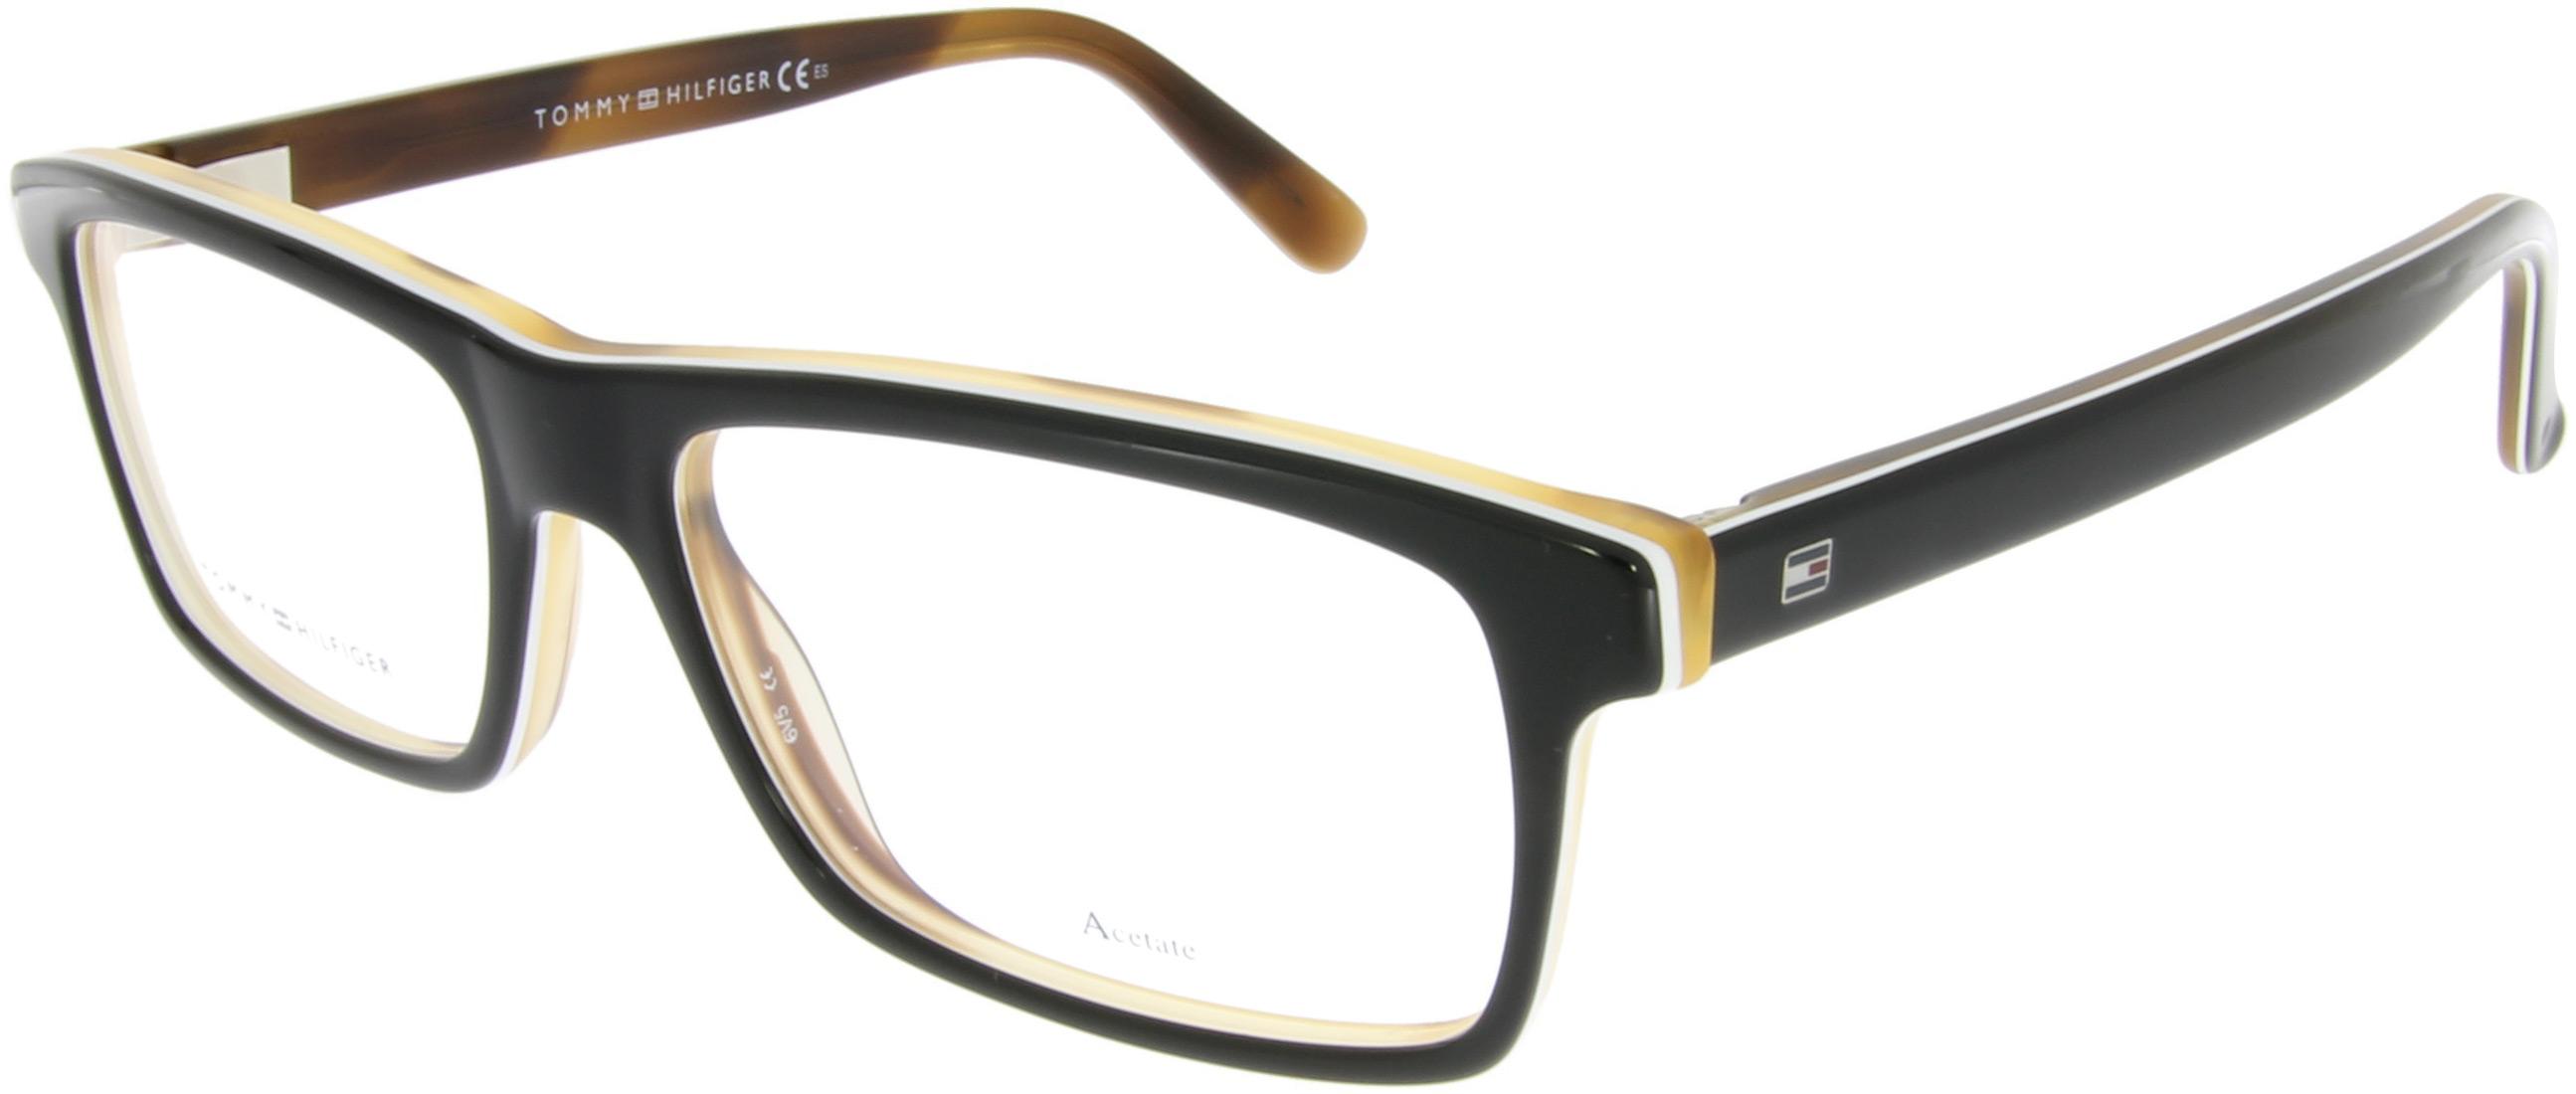 Tommy Hilfiger Brillen mit Sehstärke günstig kaufen - ab 89€